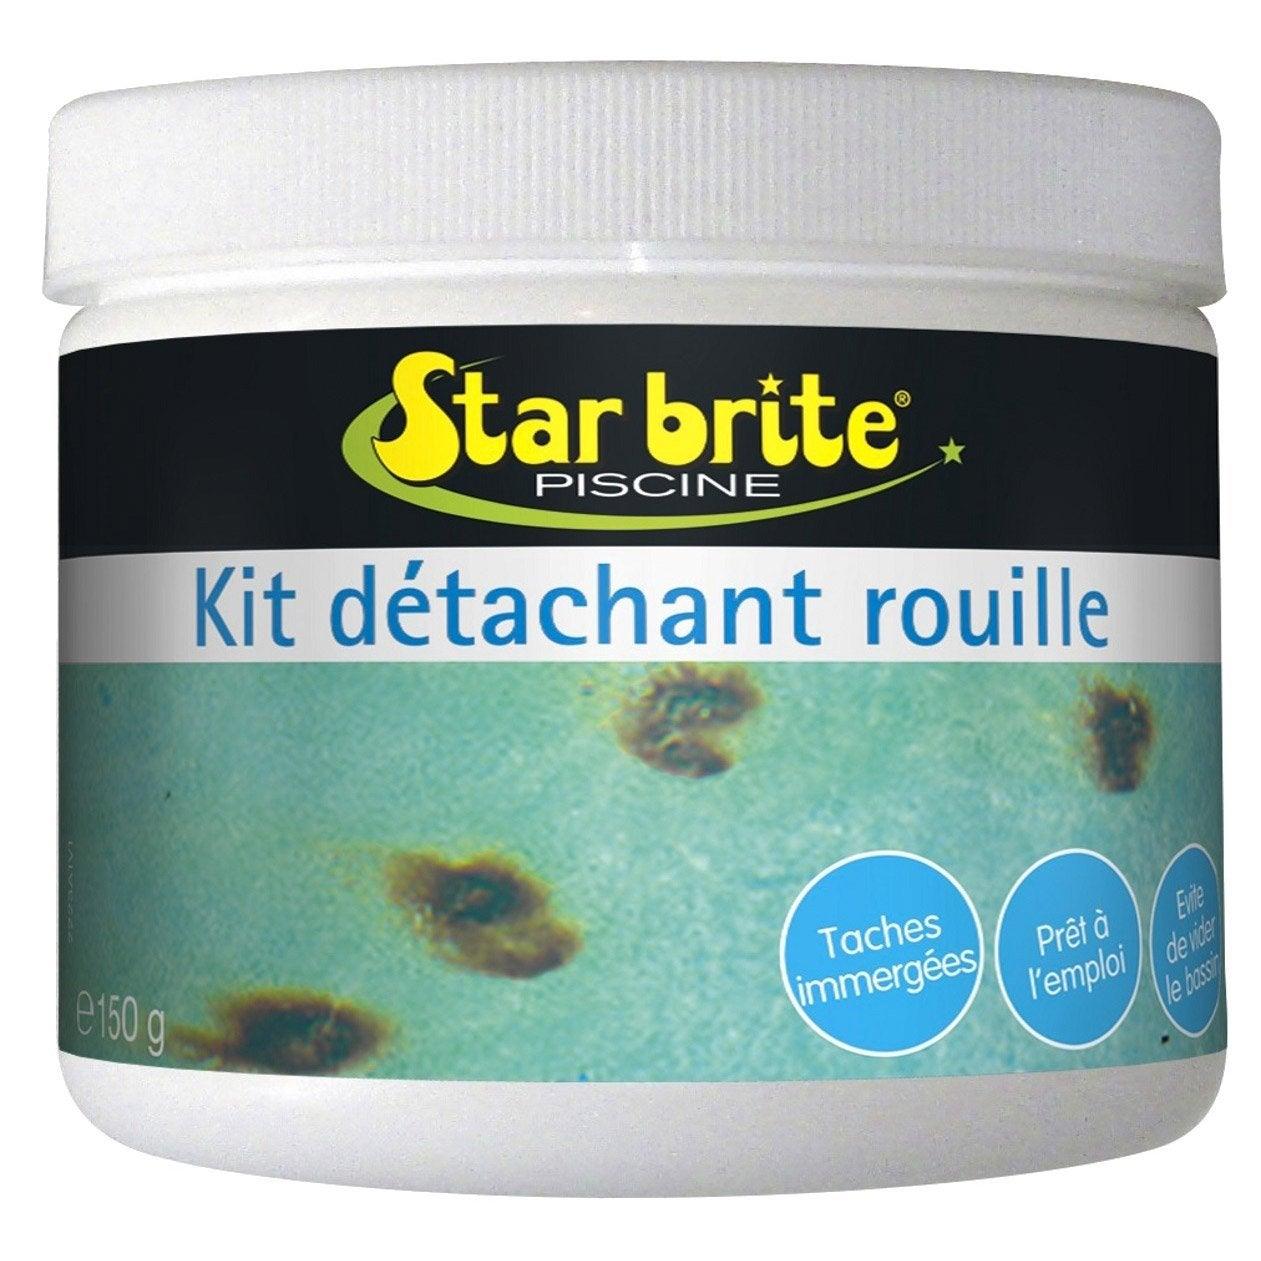 Kit D 39 Entretien Piscine Star Brite D Tachant Rouille En Poudre 0 5 Kg Leroy Merlin